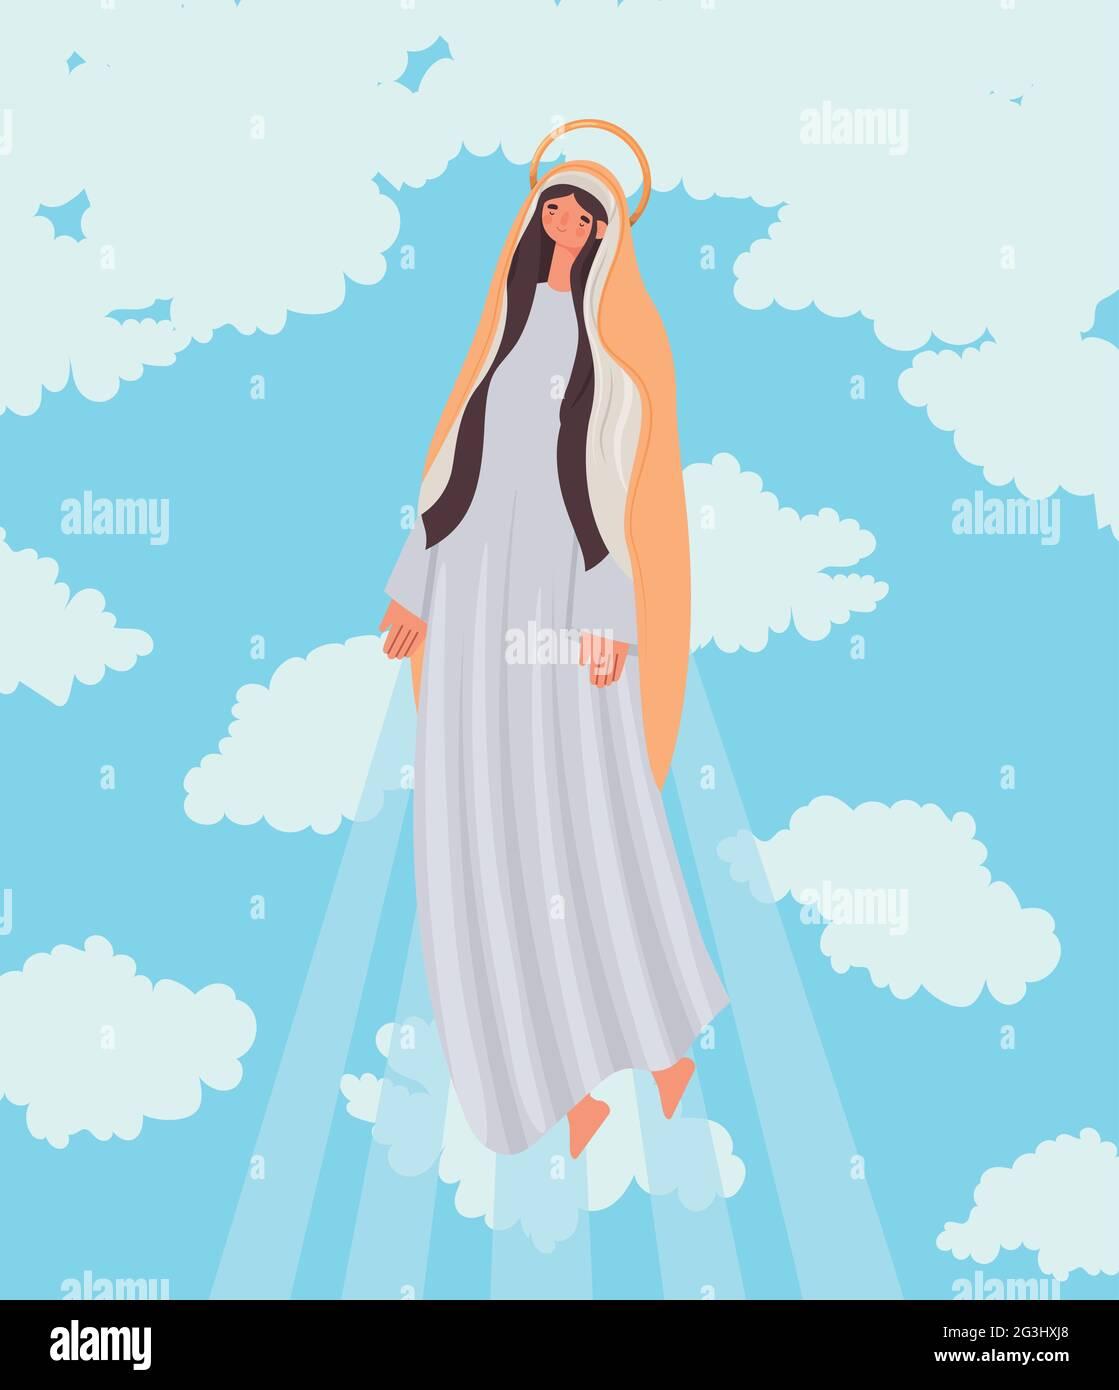 illustration de la sainte marie Illustration de Vecteur